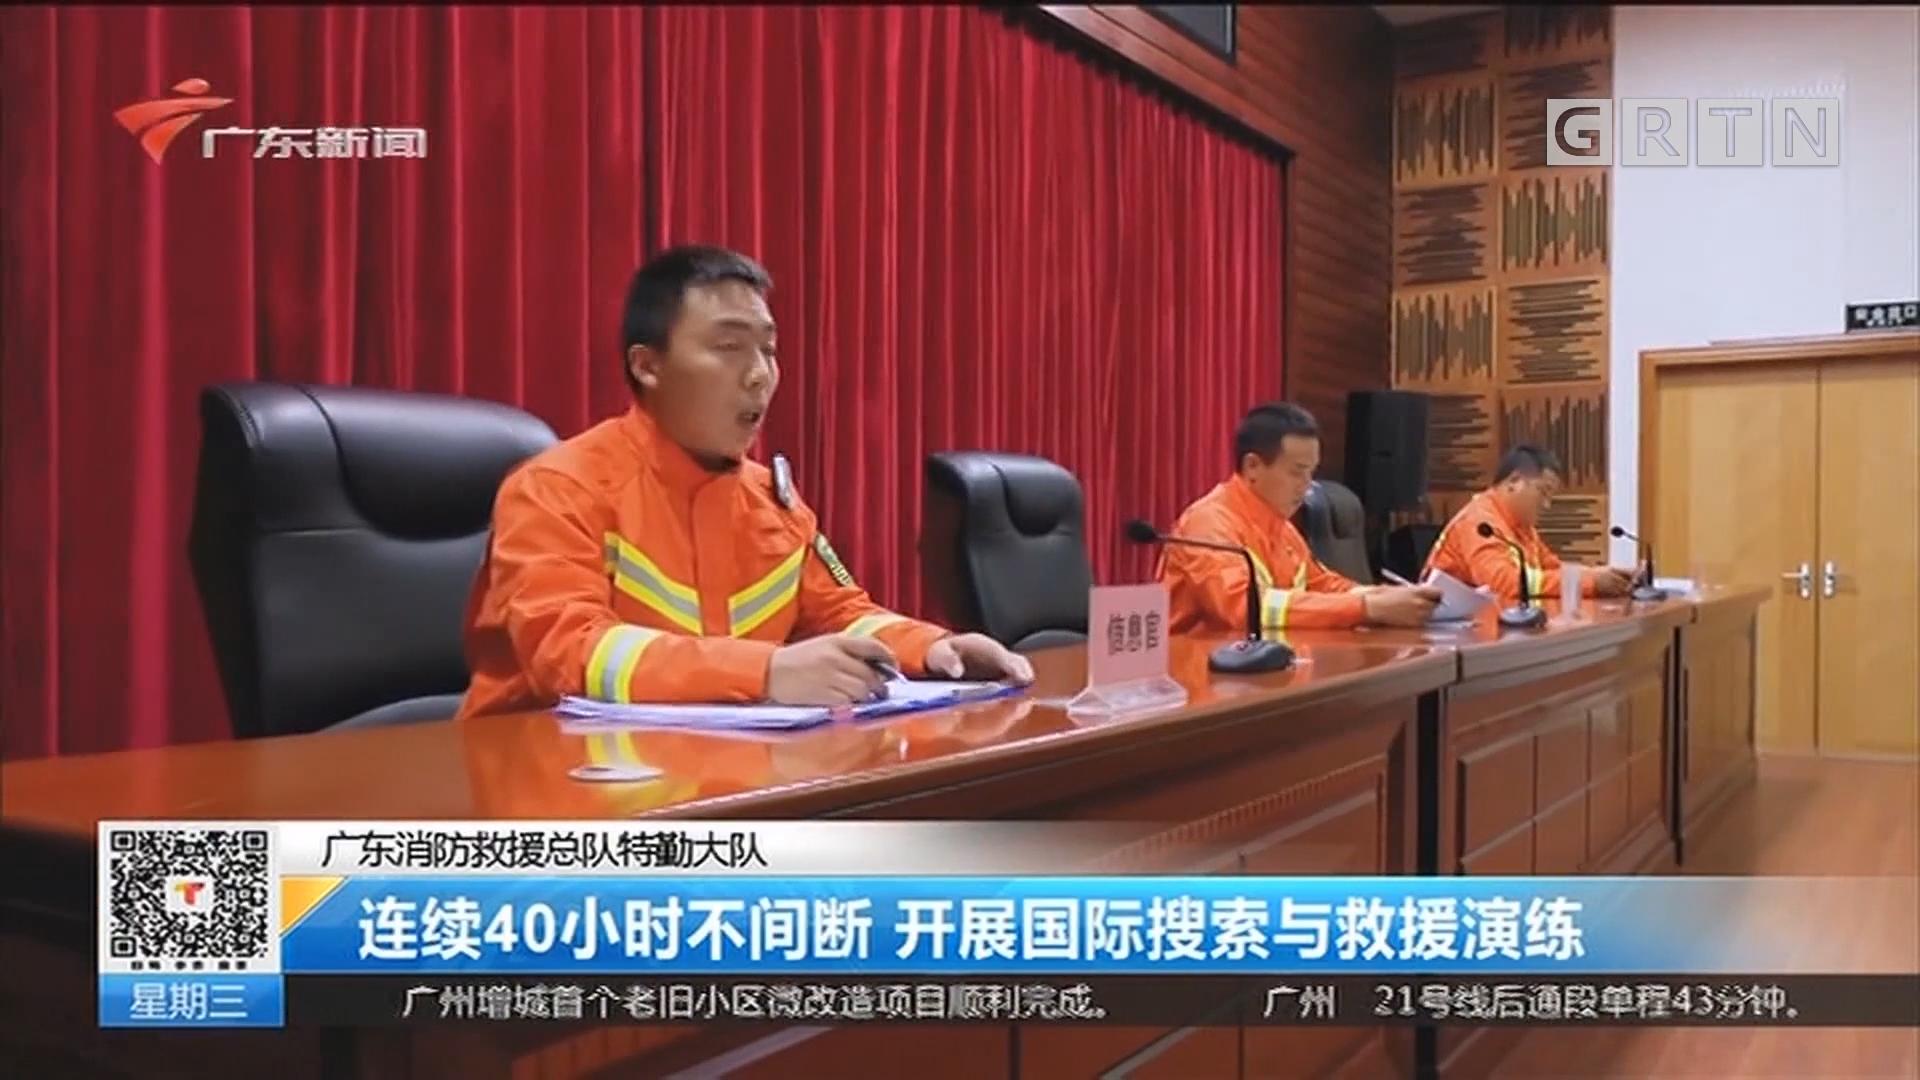 广东消防救援总队特勤大队 连续40小时不间断 开展国际搜索与救援演练